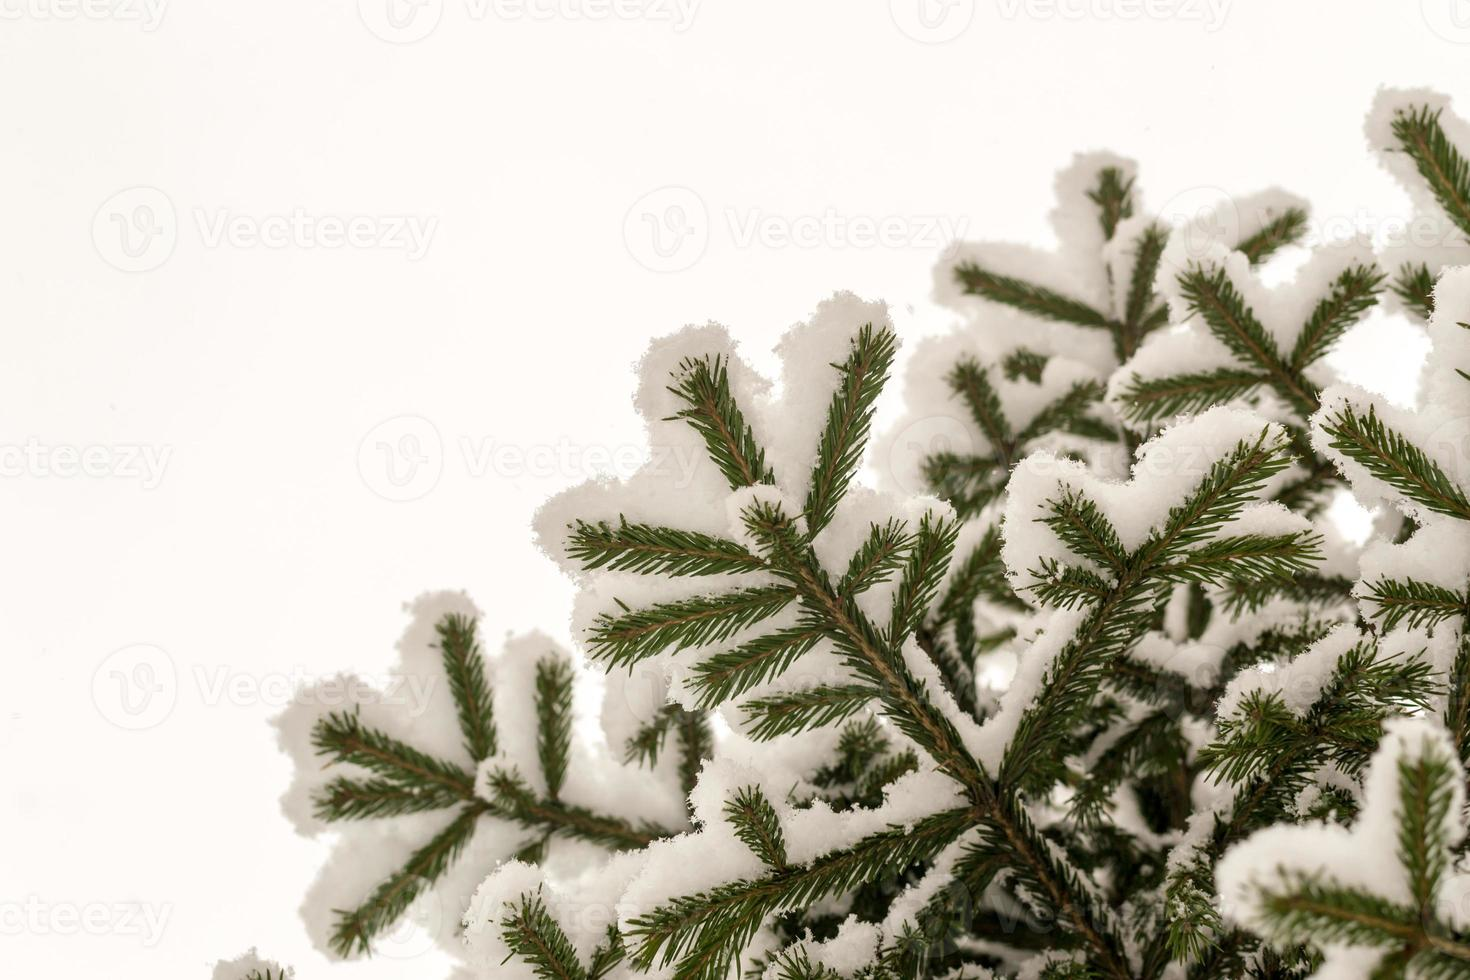 nieve fresca en las ramas de un pino foto